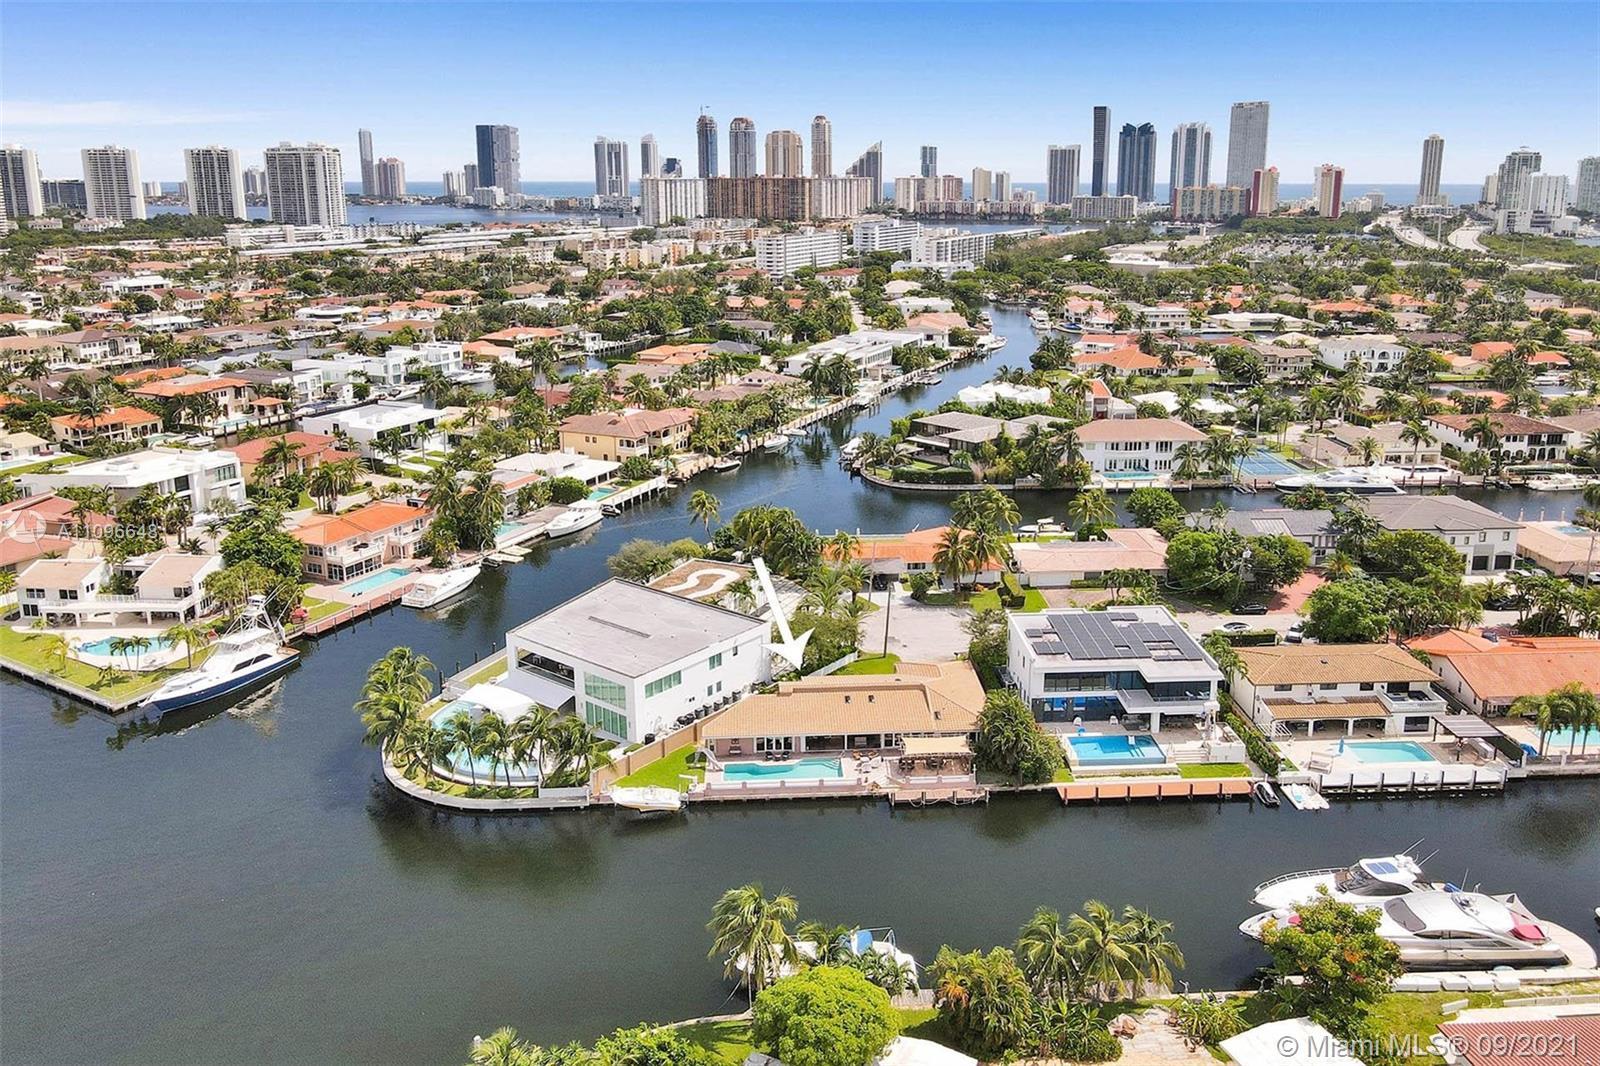 16490 31st Ave, North Miami Beach, Florida 33160